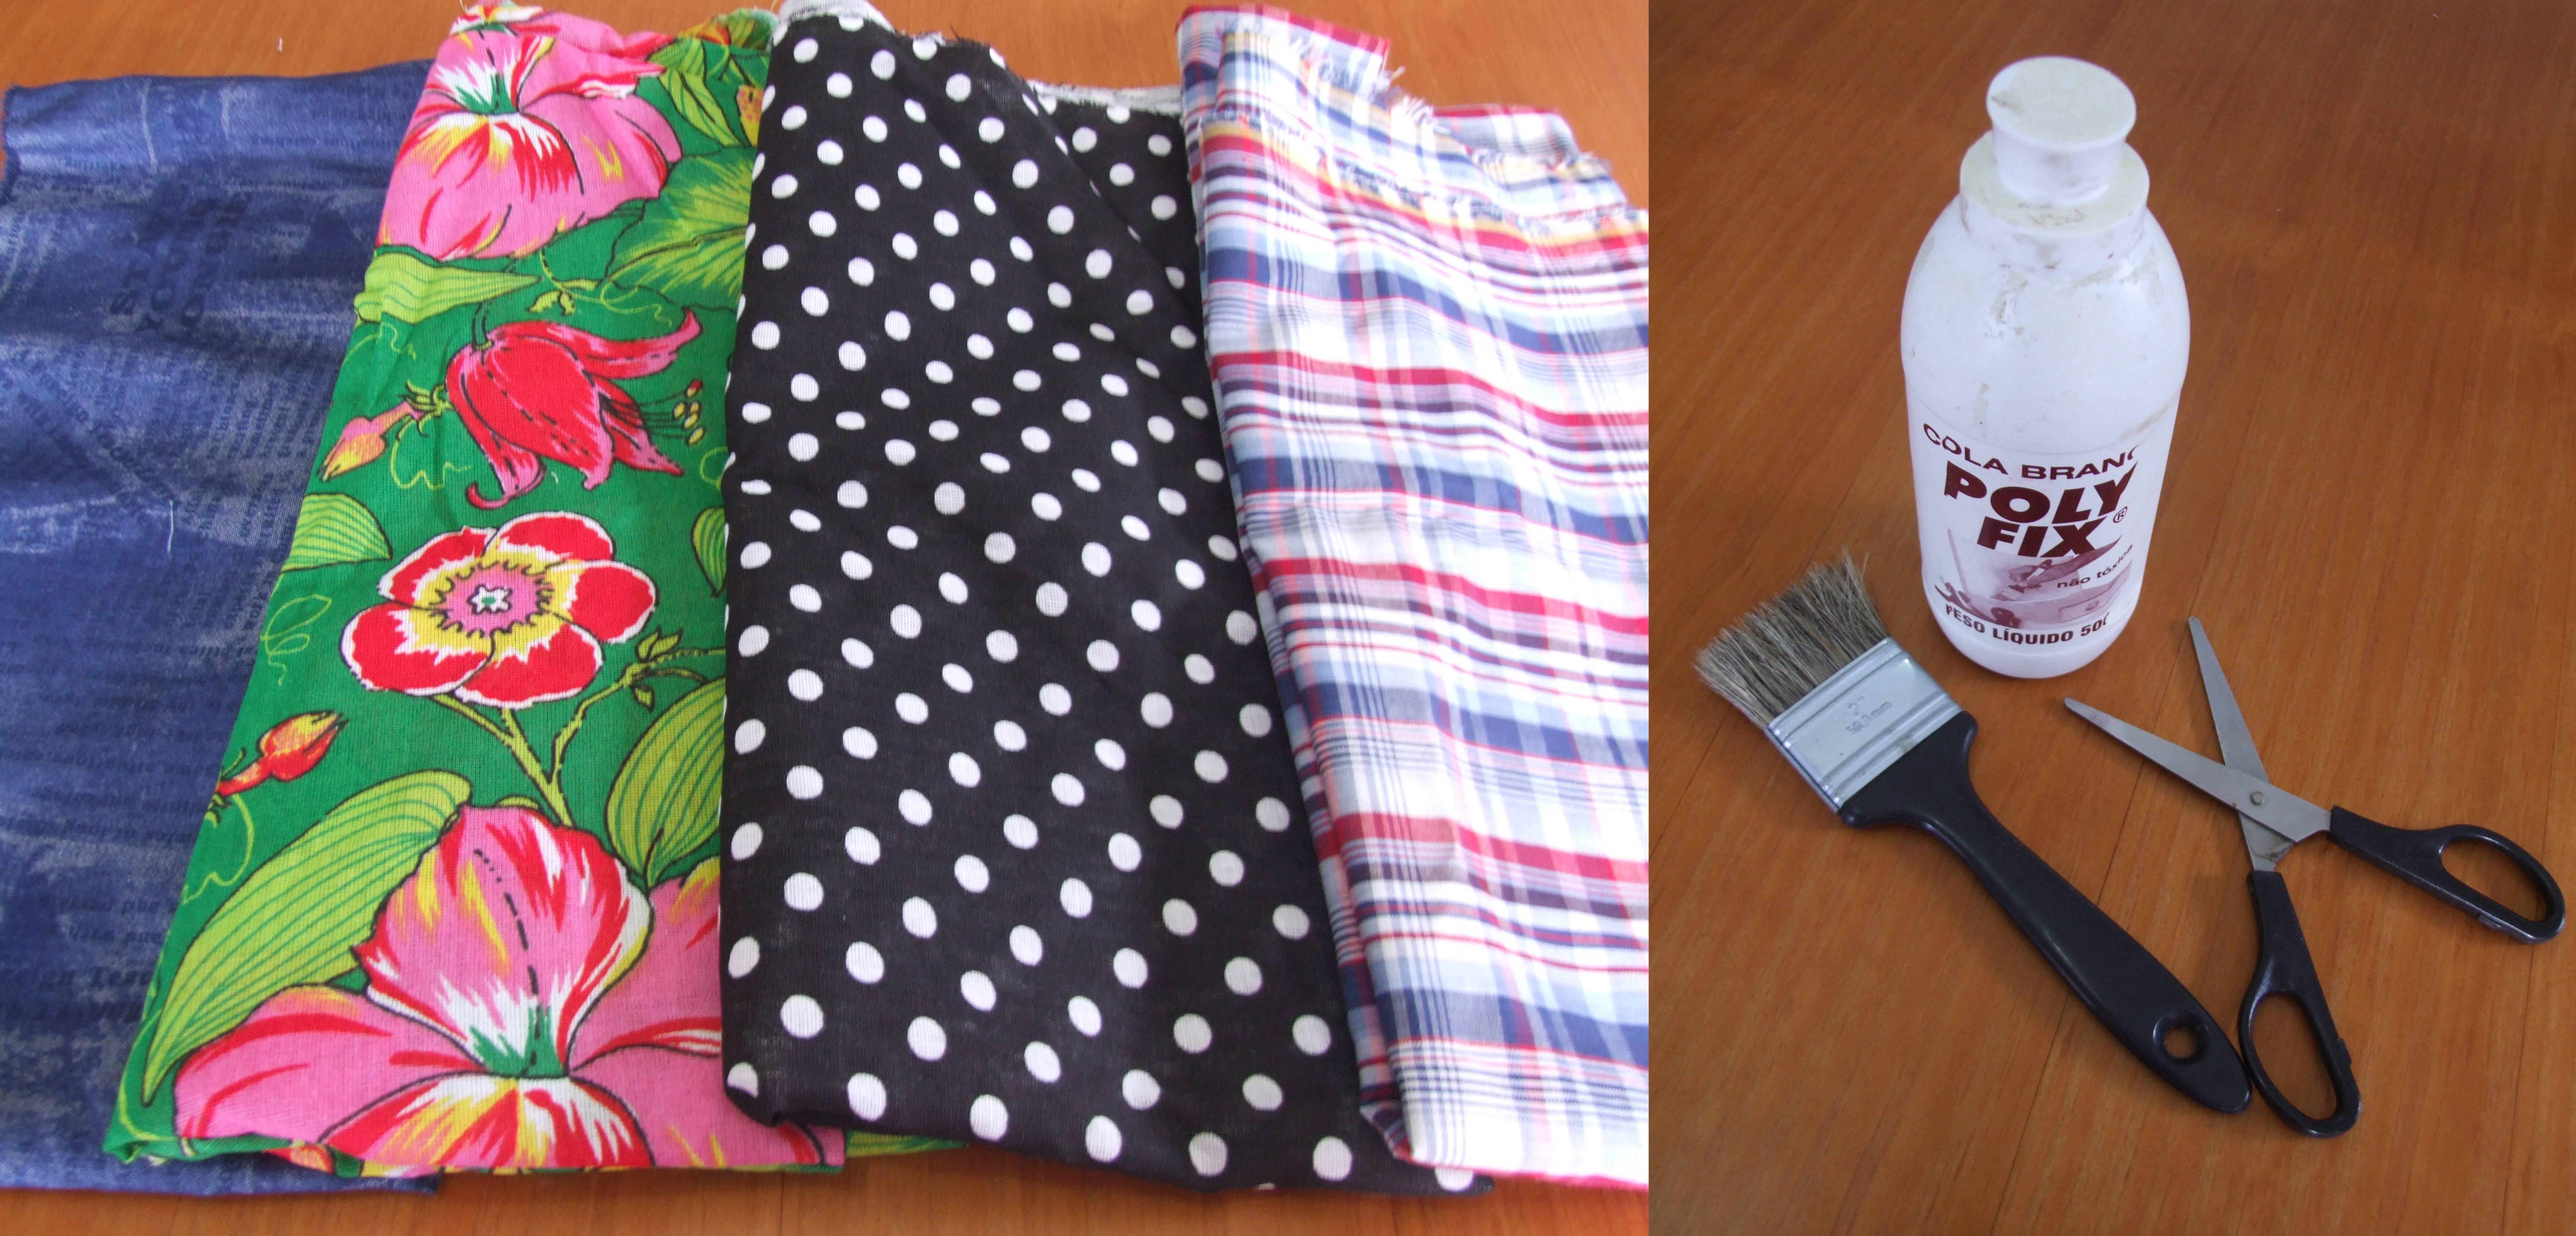 Moda também em casa – aprenda a cobrir cadeiras com tecido #A42770 7267x3488